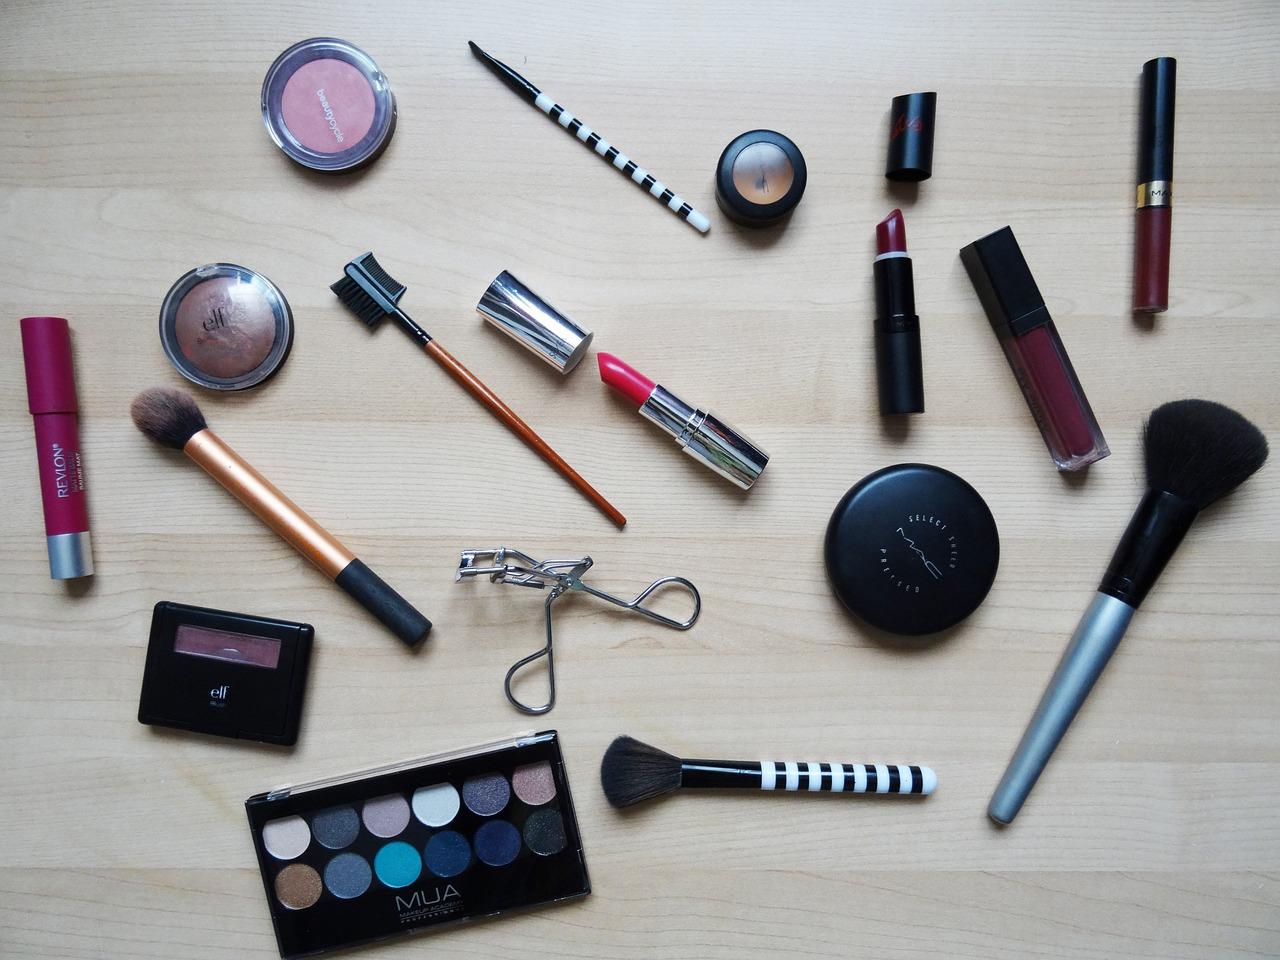 安永咨询:2020年美妆行业规模增至570亿欧元,男士护理用品将是增长主力